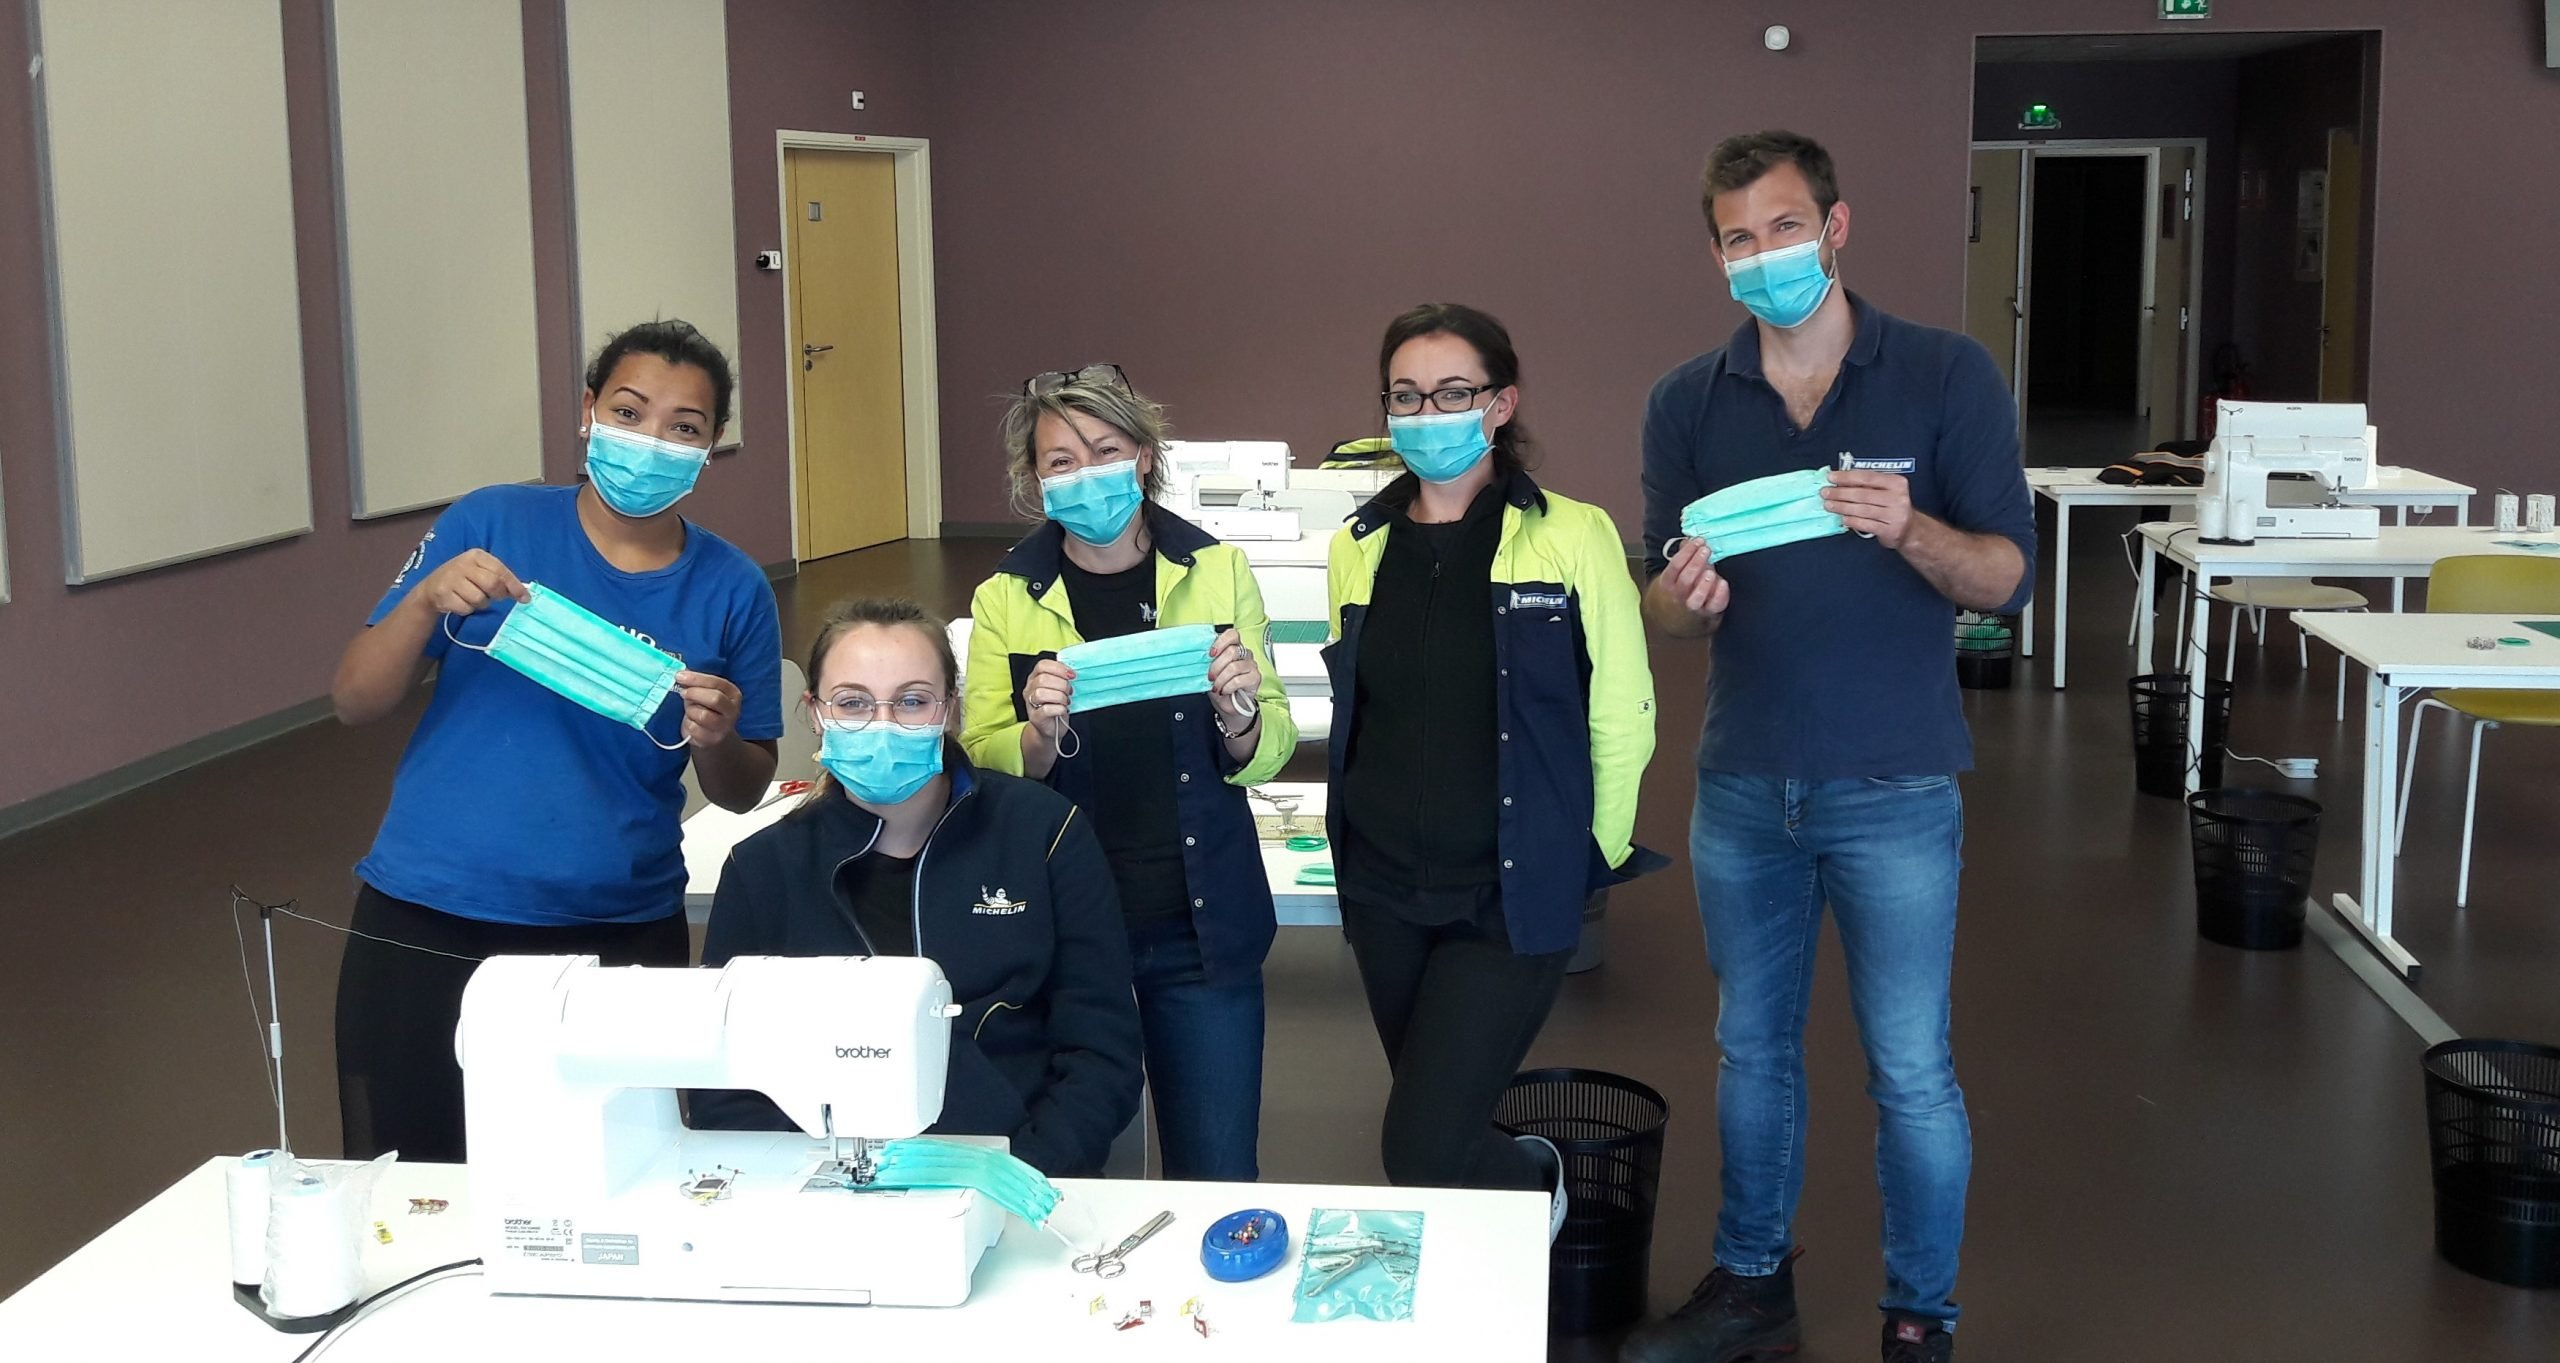 В Michelin выпустили медицинскую маску, которую можно использовать до 100 раз